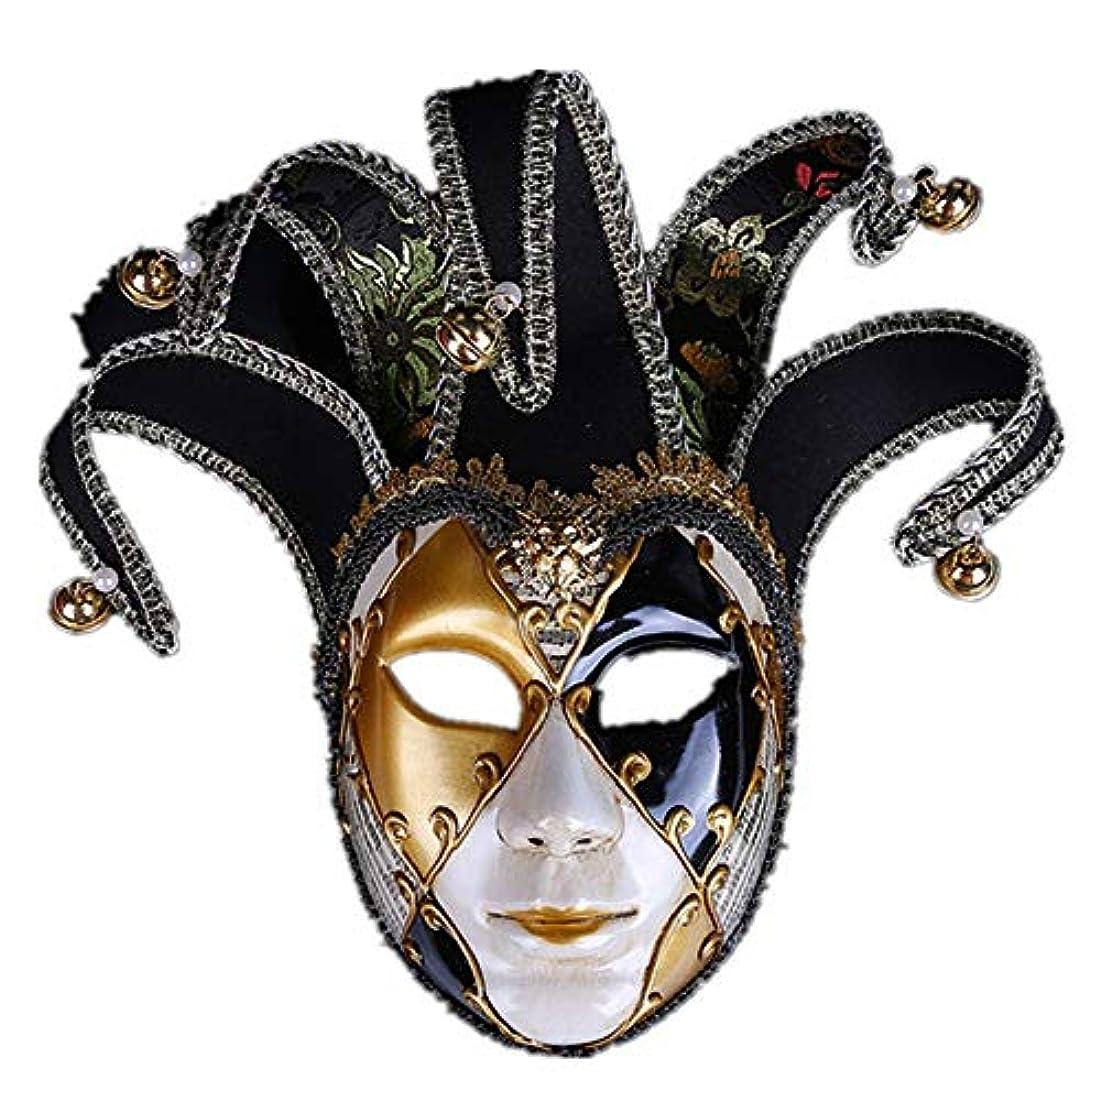 開業医運河大いにダンスマスク ハロウィーンパフォーマンスパフォーマンスマスクマスカレード雰囲気用品クリスマスホリデーパーティーボールハロウィーンカーニバル パーティーマスク (色 : ブラック, サイズ : 45x15.8cm)